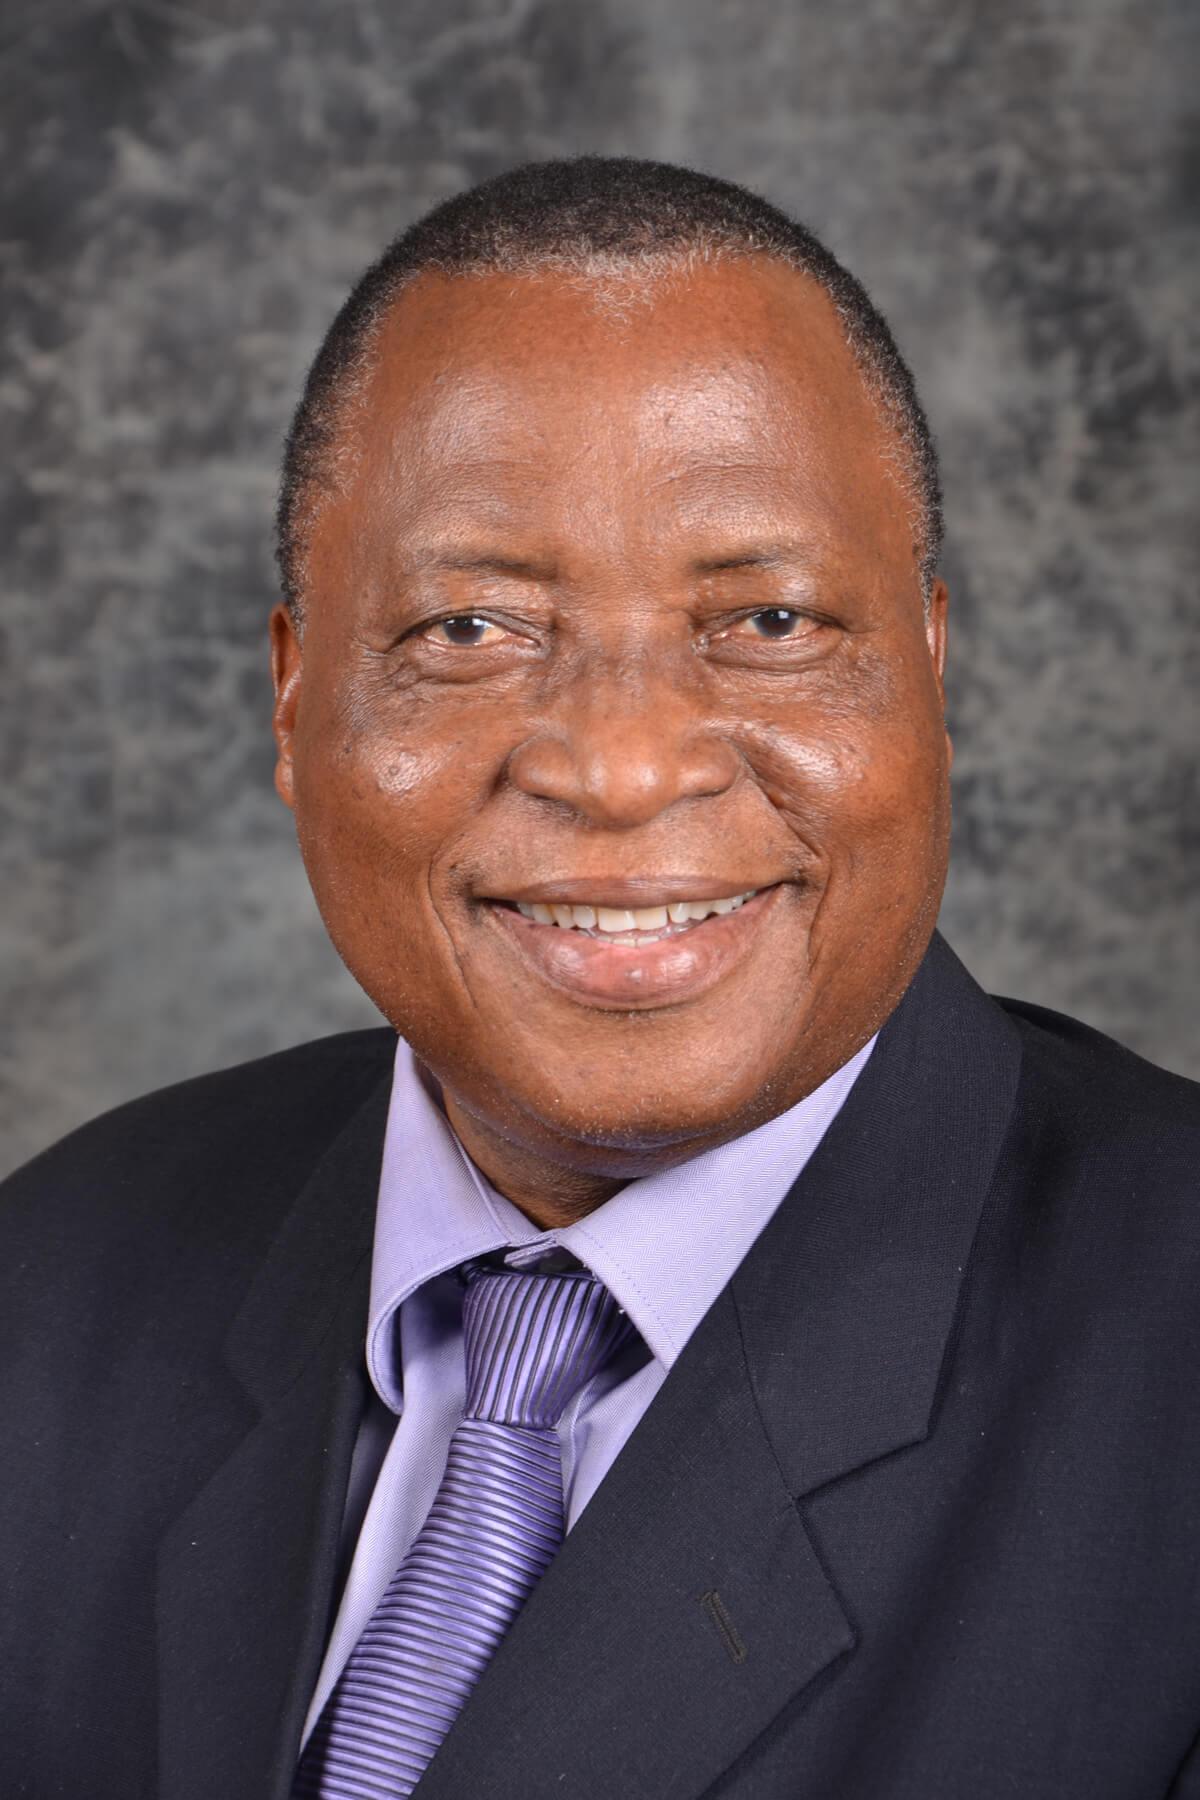 Advocate. S. J. Chihambakwe